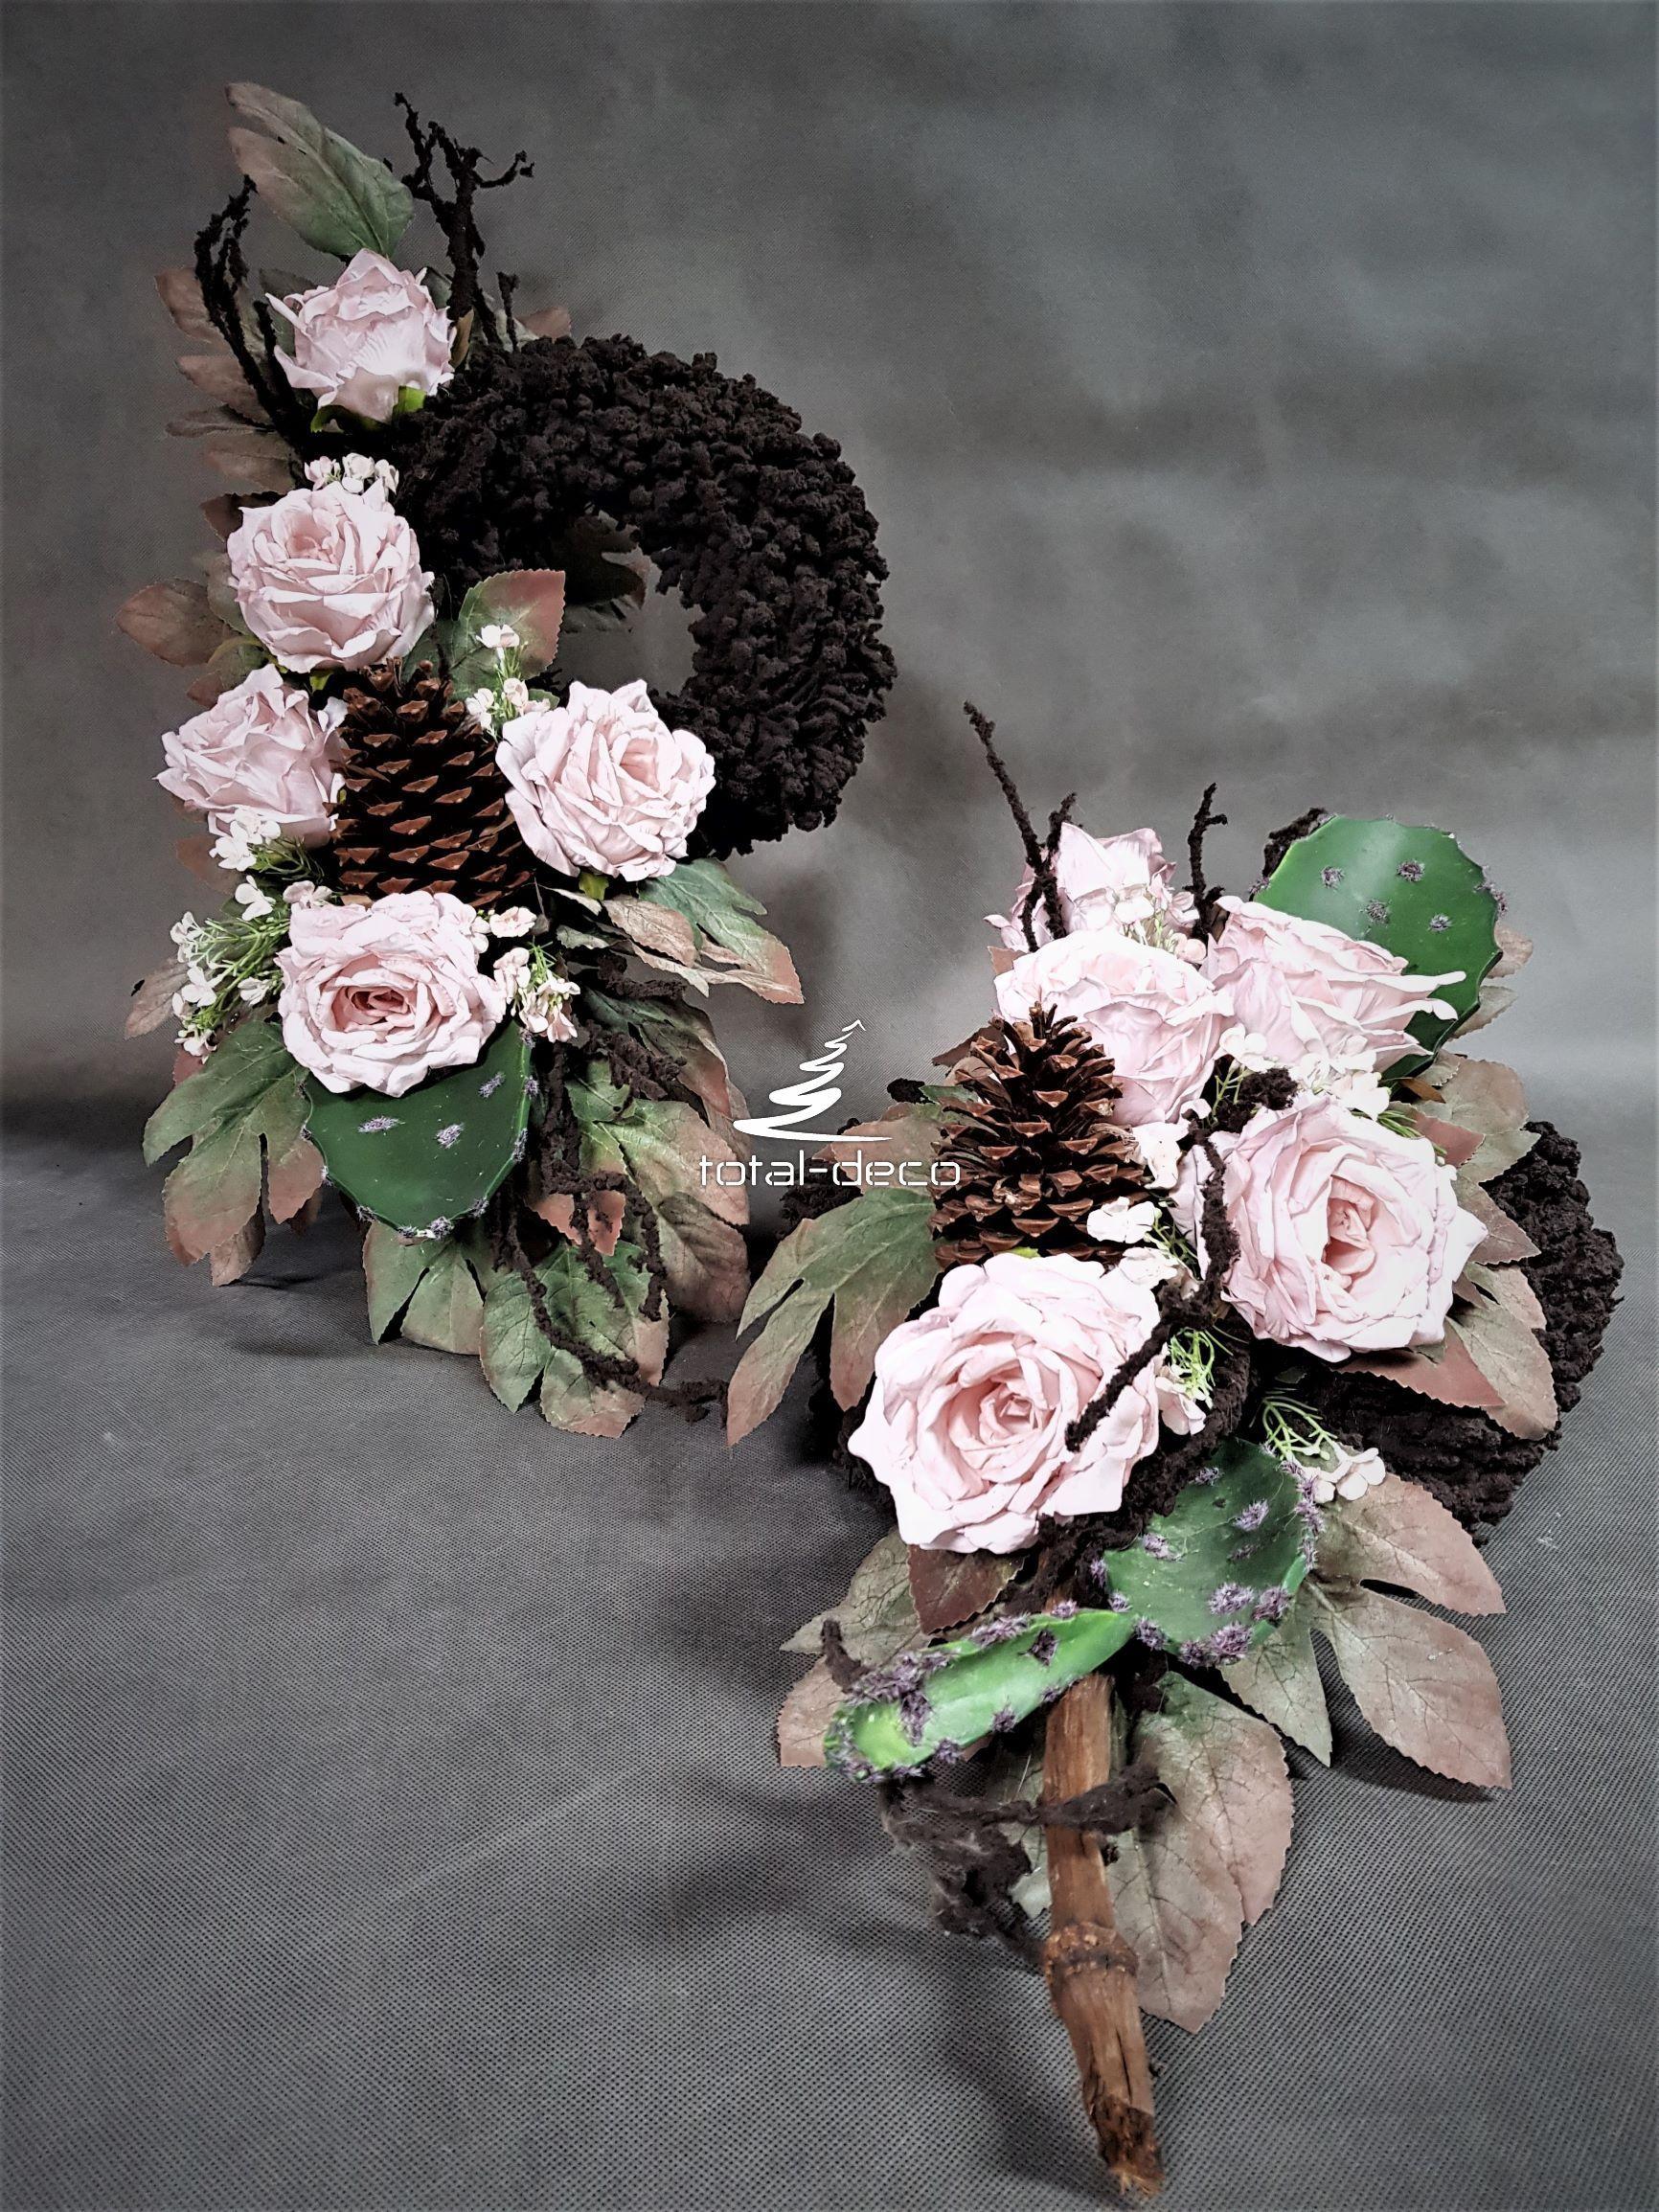 Nowoczesny Stroik I Bukiet Na Cmentarz Zestaw Pieknych Kompozycji Na Cmentarz Funeral Flowers Floral Flowers